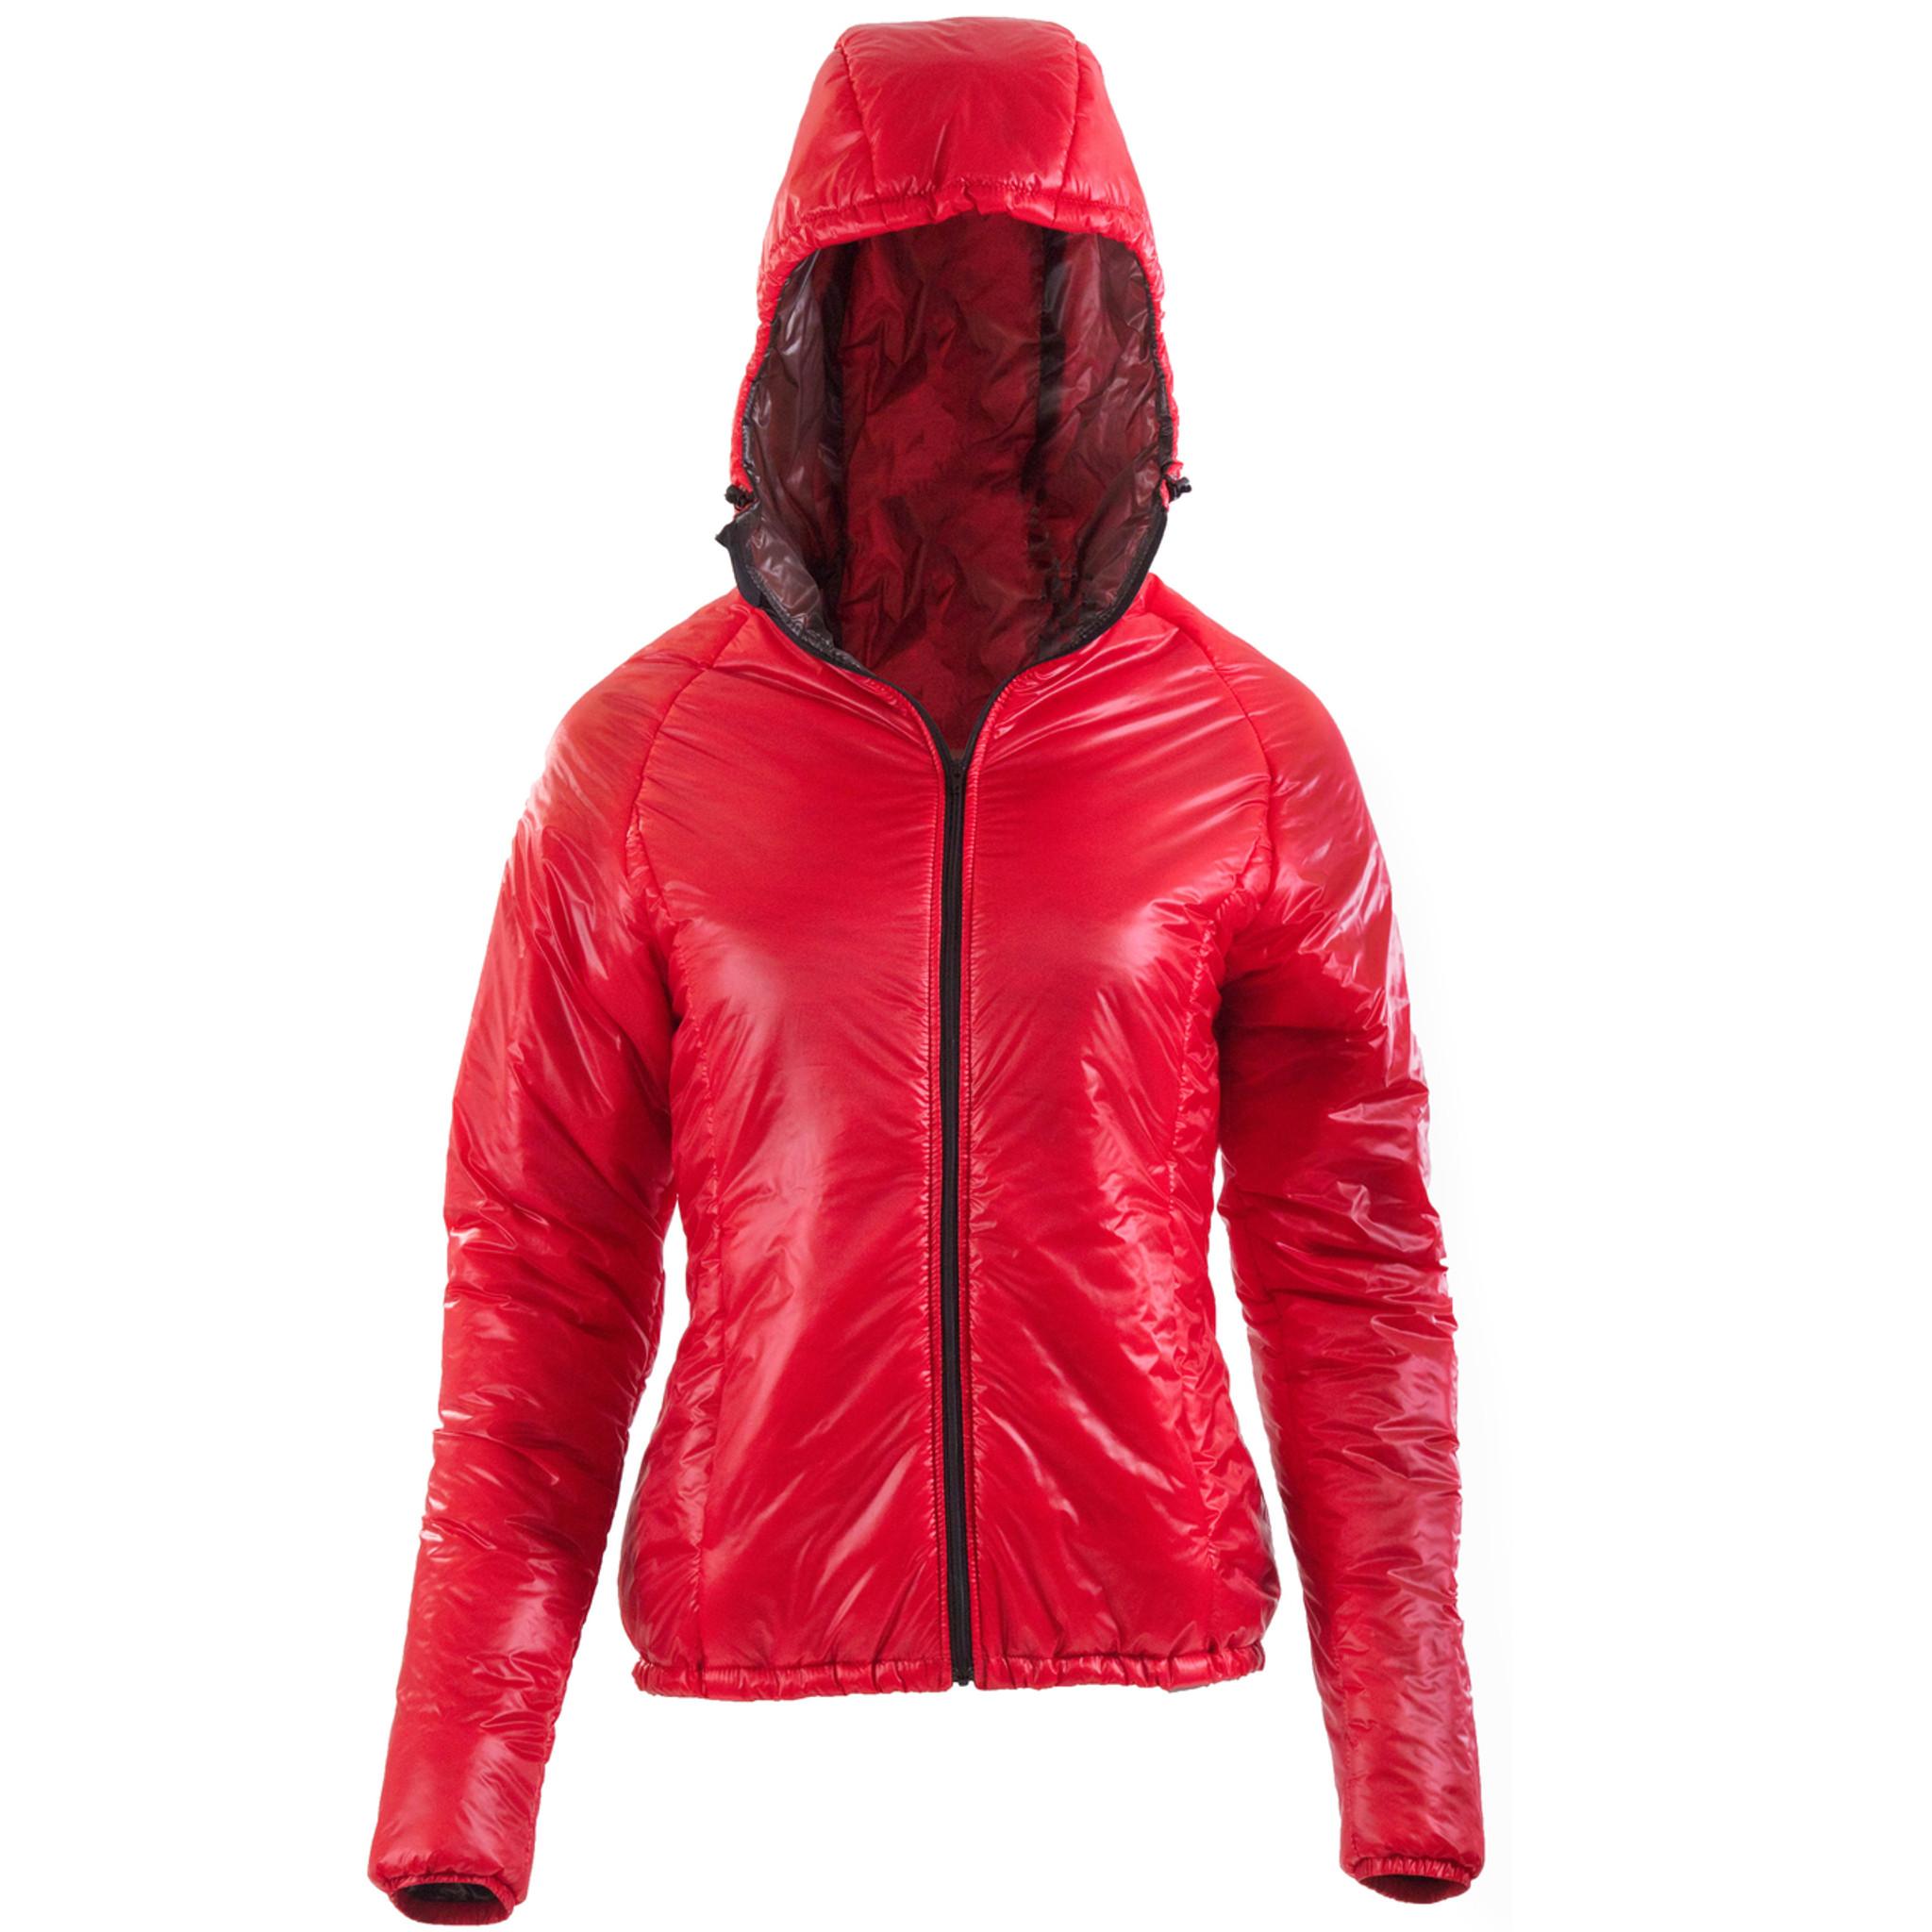 f4d13b7bf9d Women s Torrid APEX Jacket Custom - Enlightened Equipment